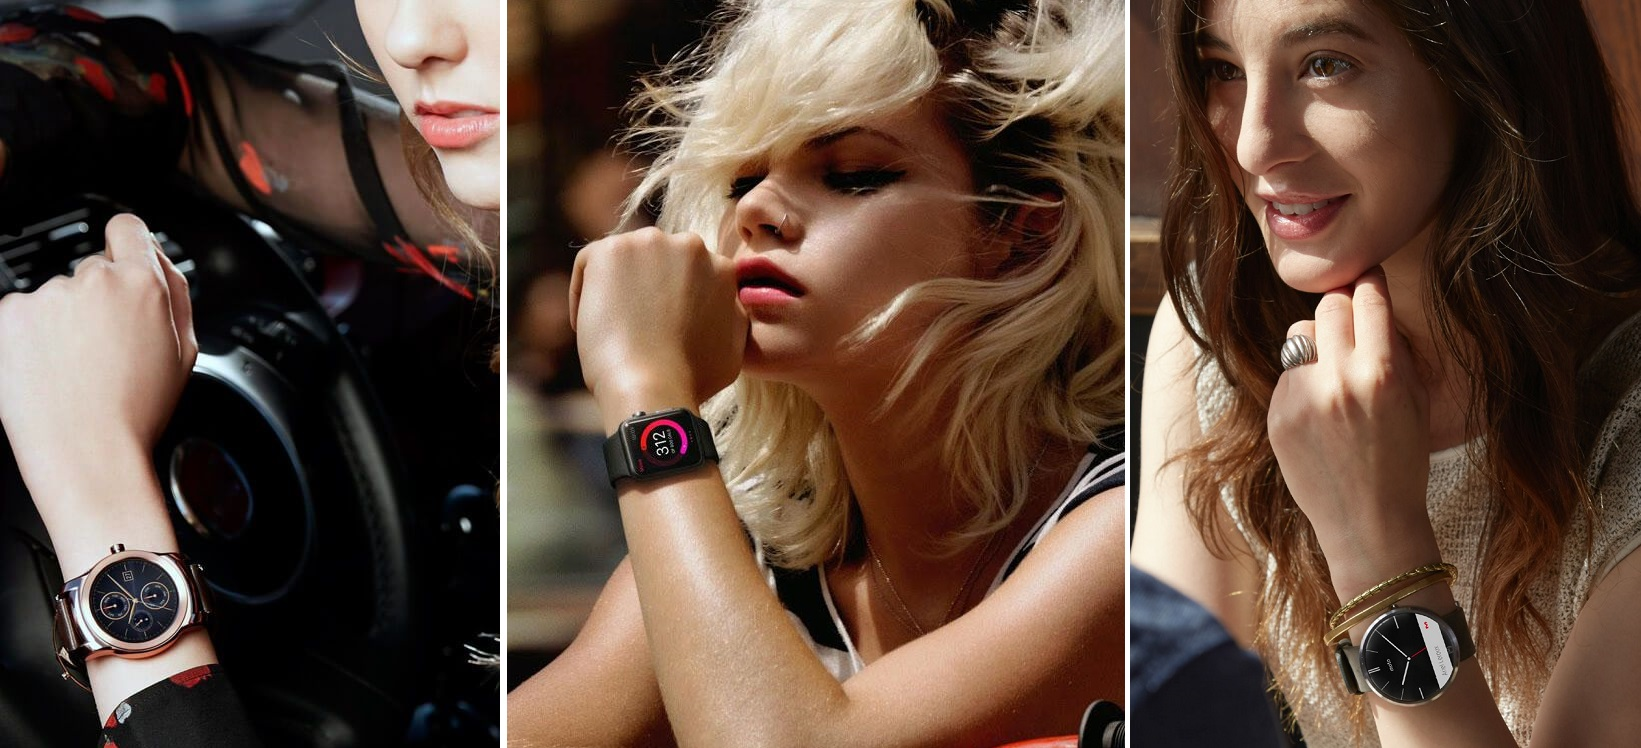 Smartwatch na kobiecej ręce. Od lewej: okrągły LG Watch Urbane, kwadratowy Apple Watch i okrągły Moto 360.